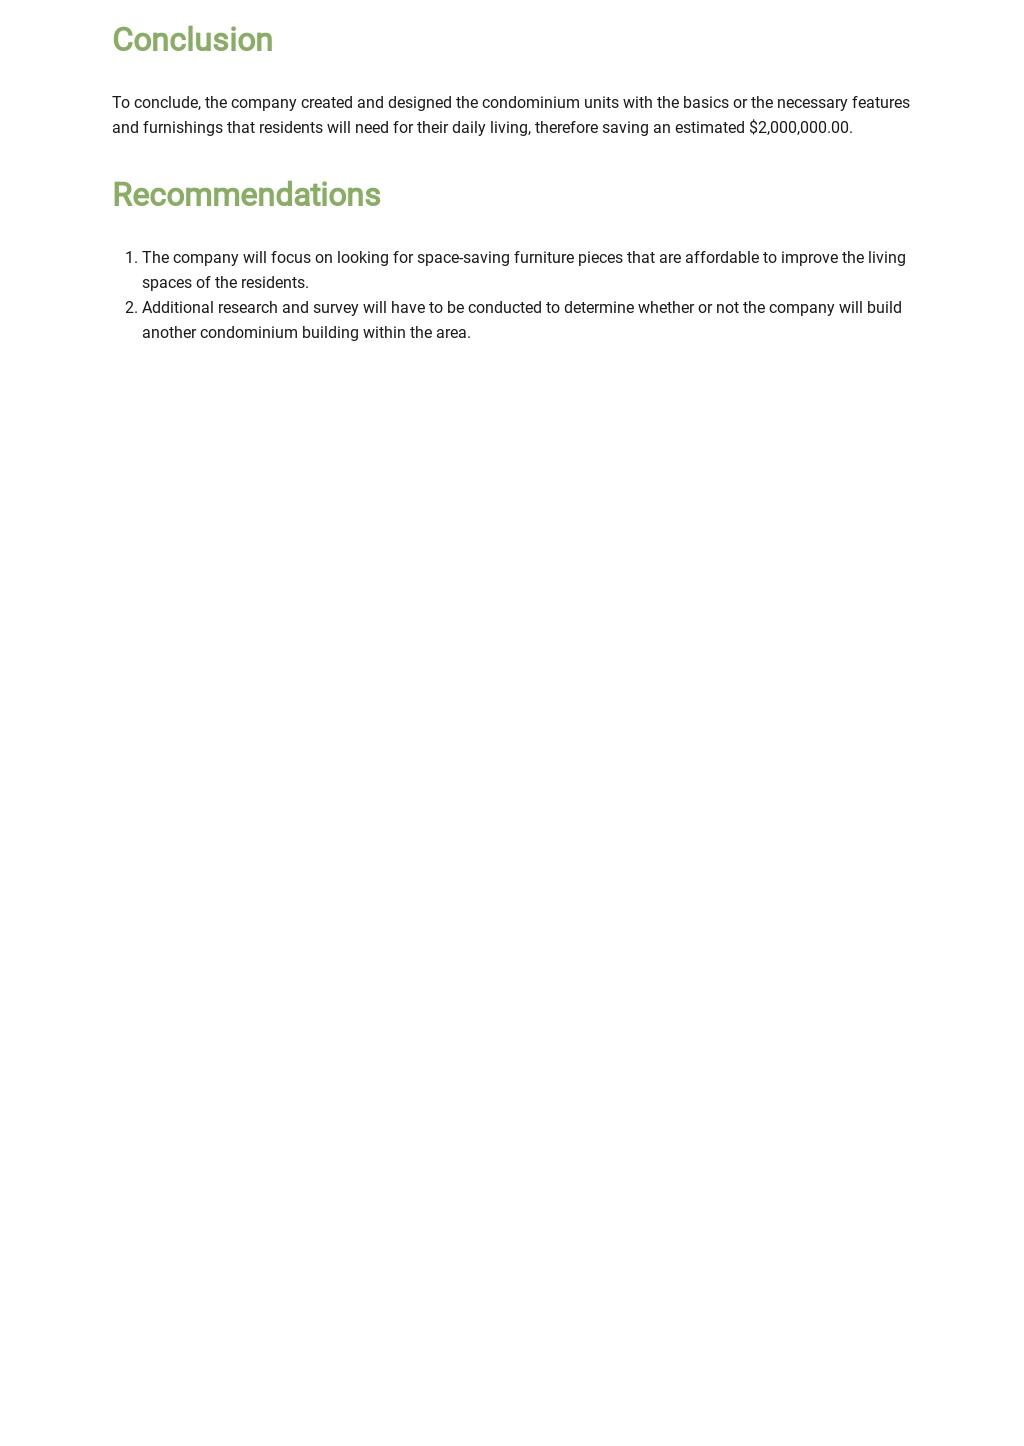 Data Analysis Report Template 3.jpe